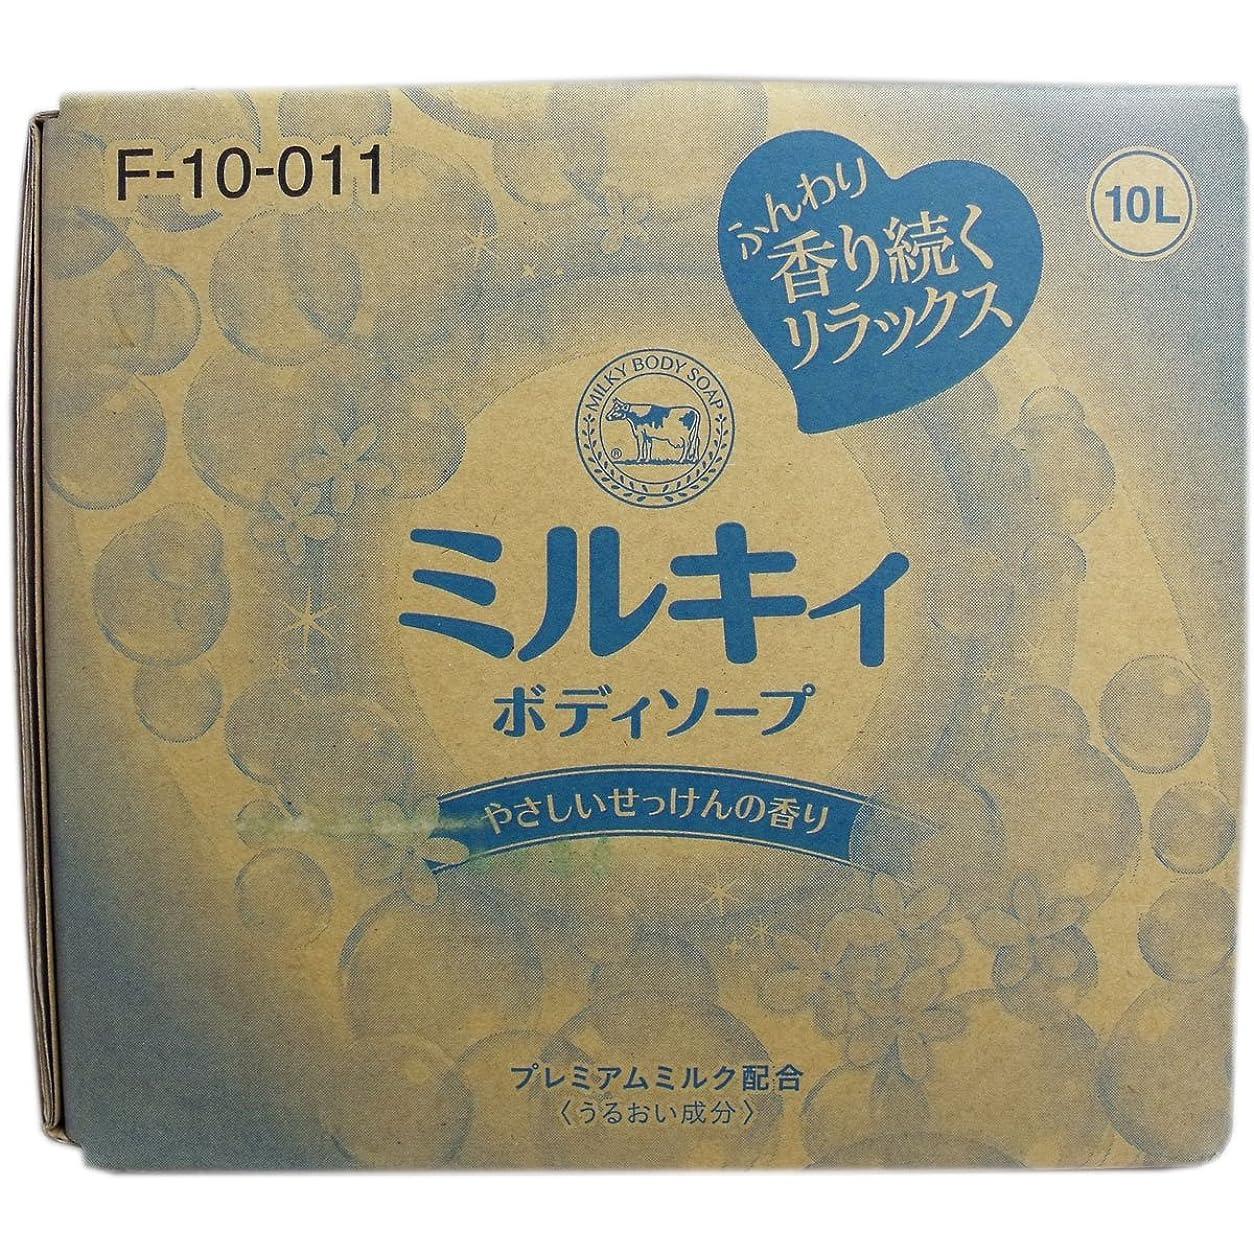 要旨シーフードワイプミルキィ ボディソープ やさしいせっけんの香り 業務用 10L